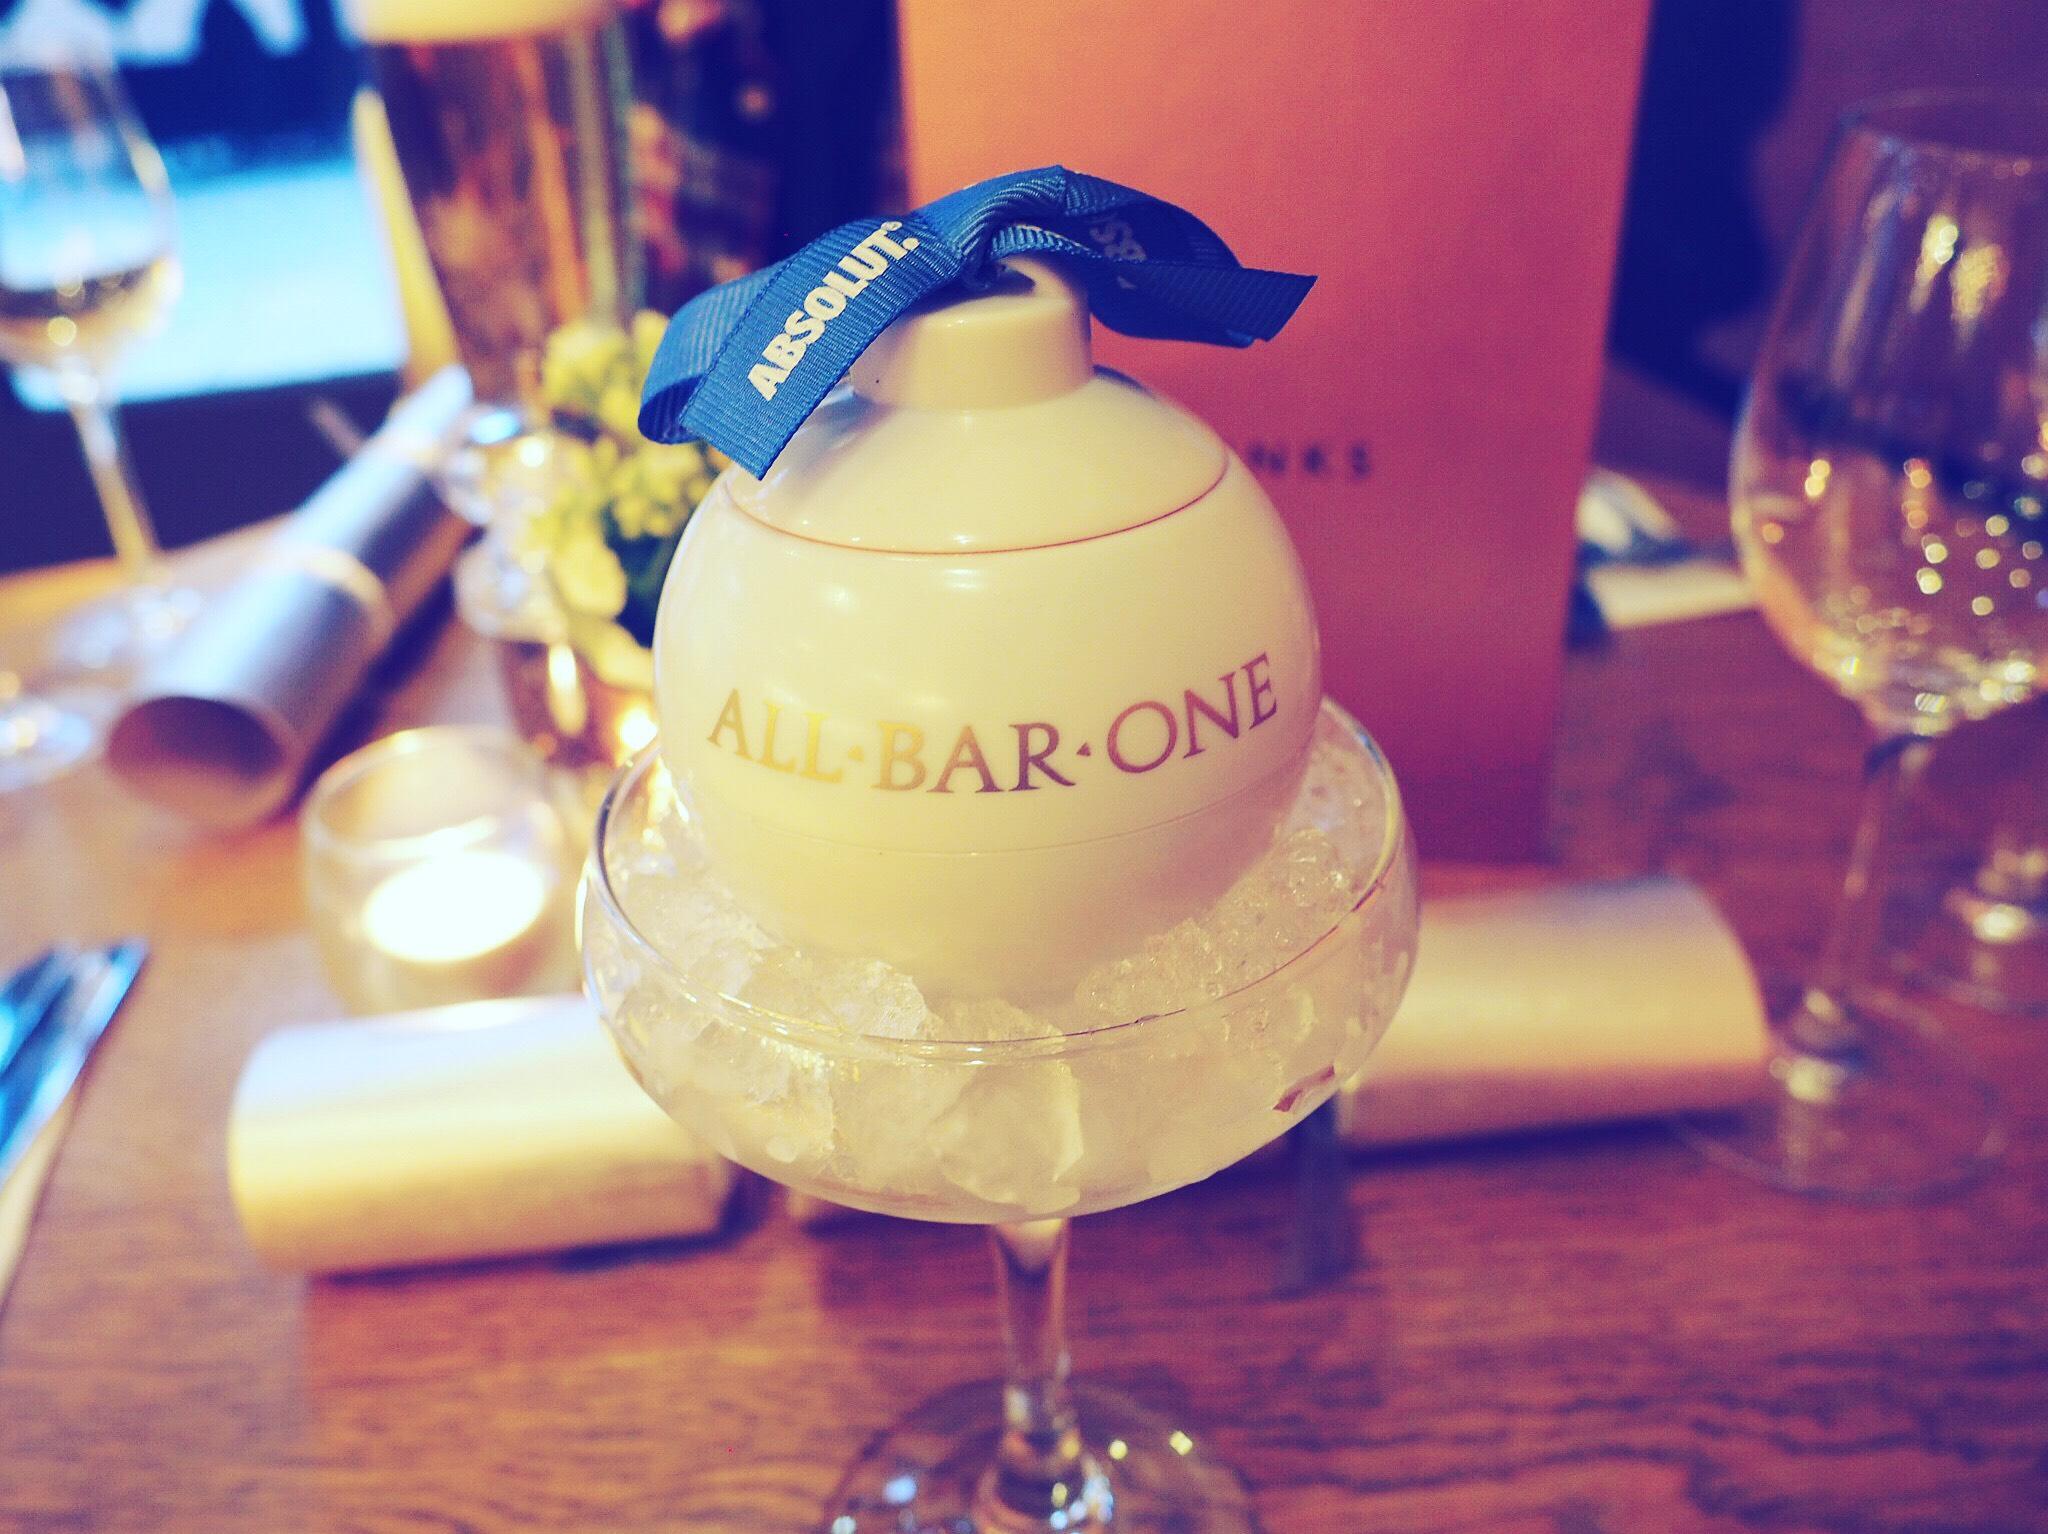 Review: 3 Course Christmas Set Menu – All Bar One York